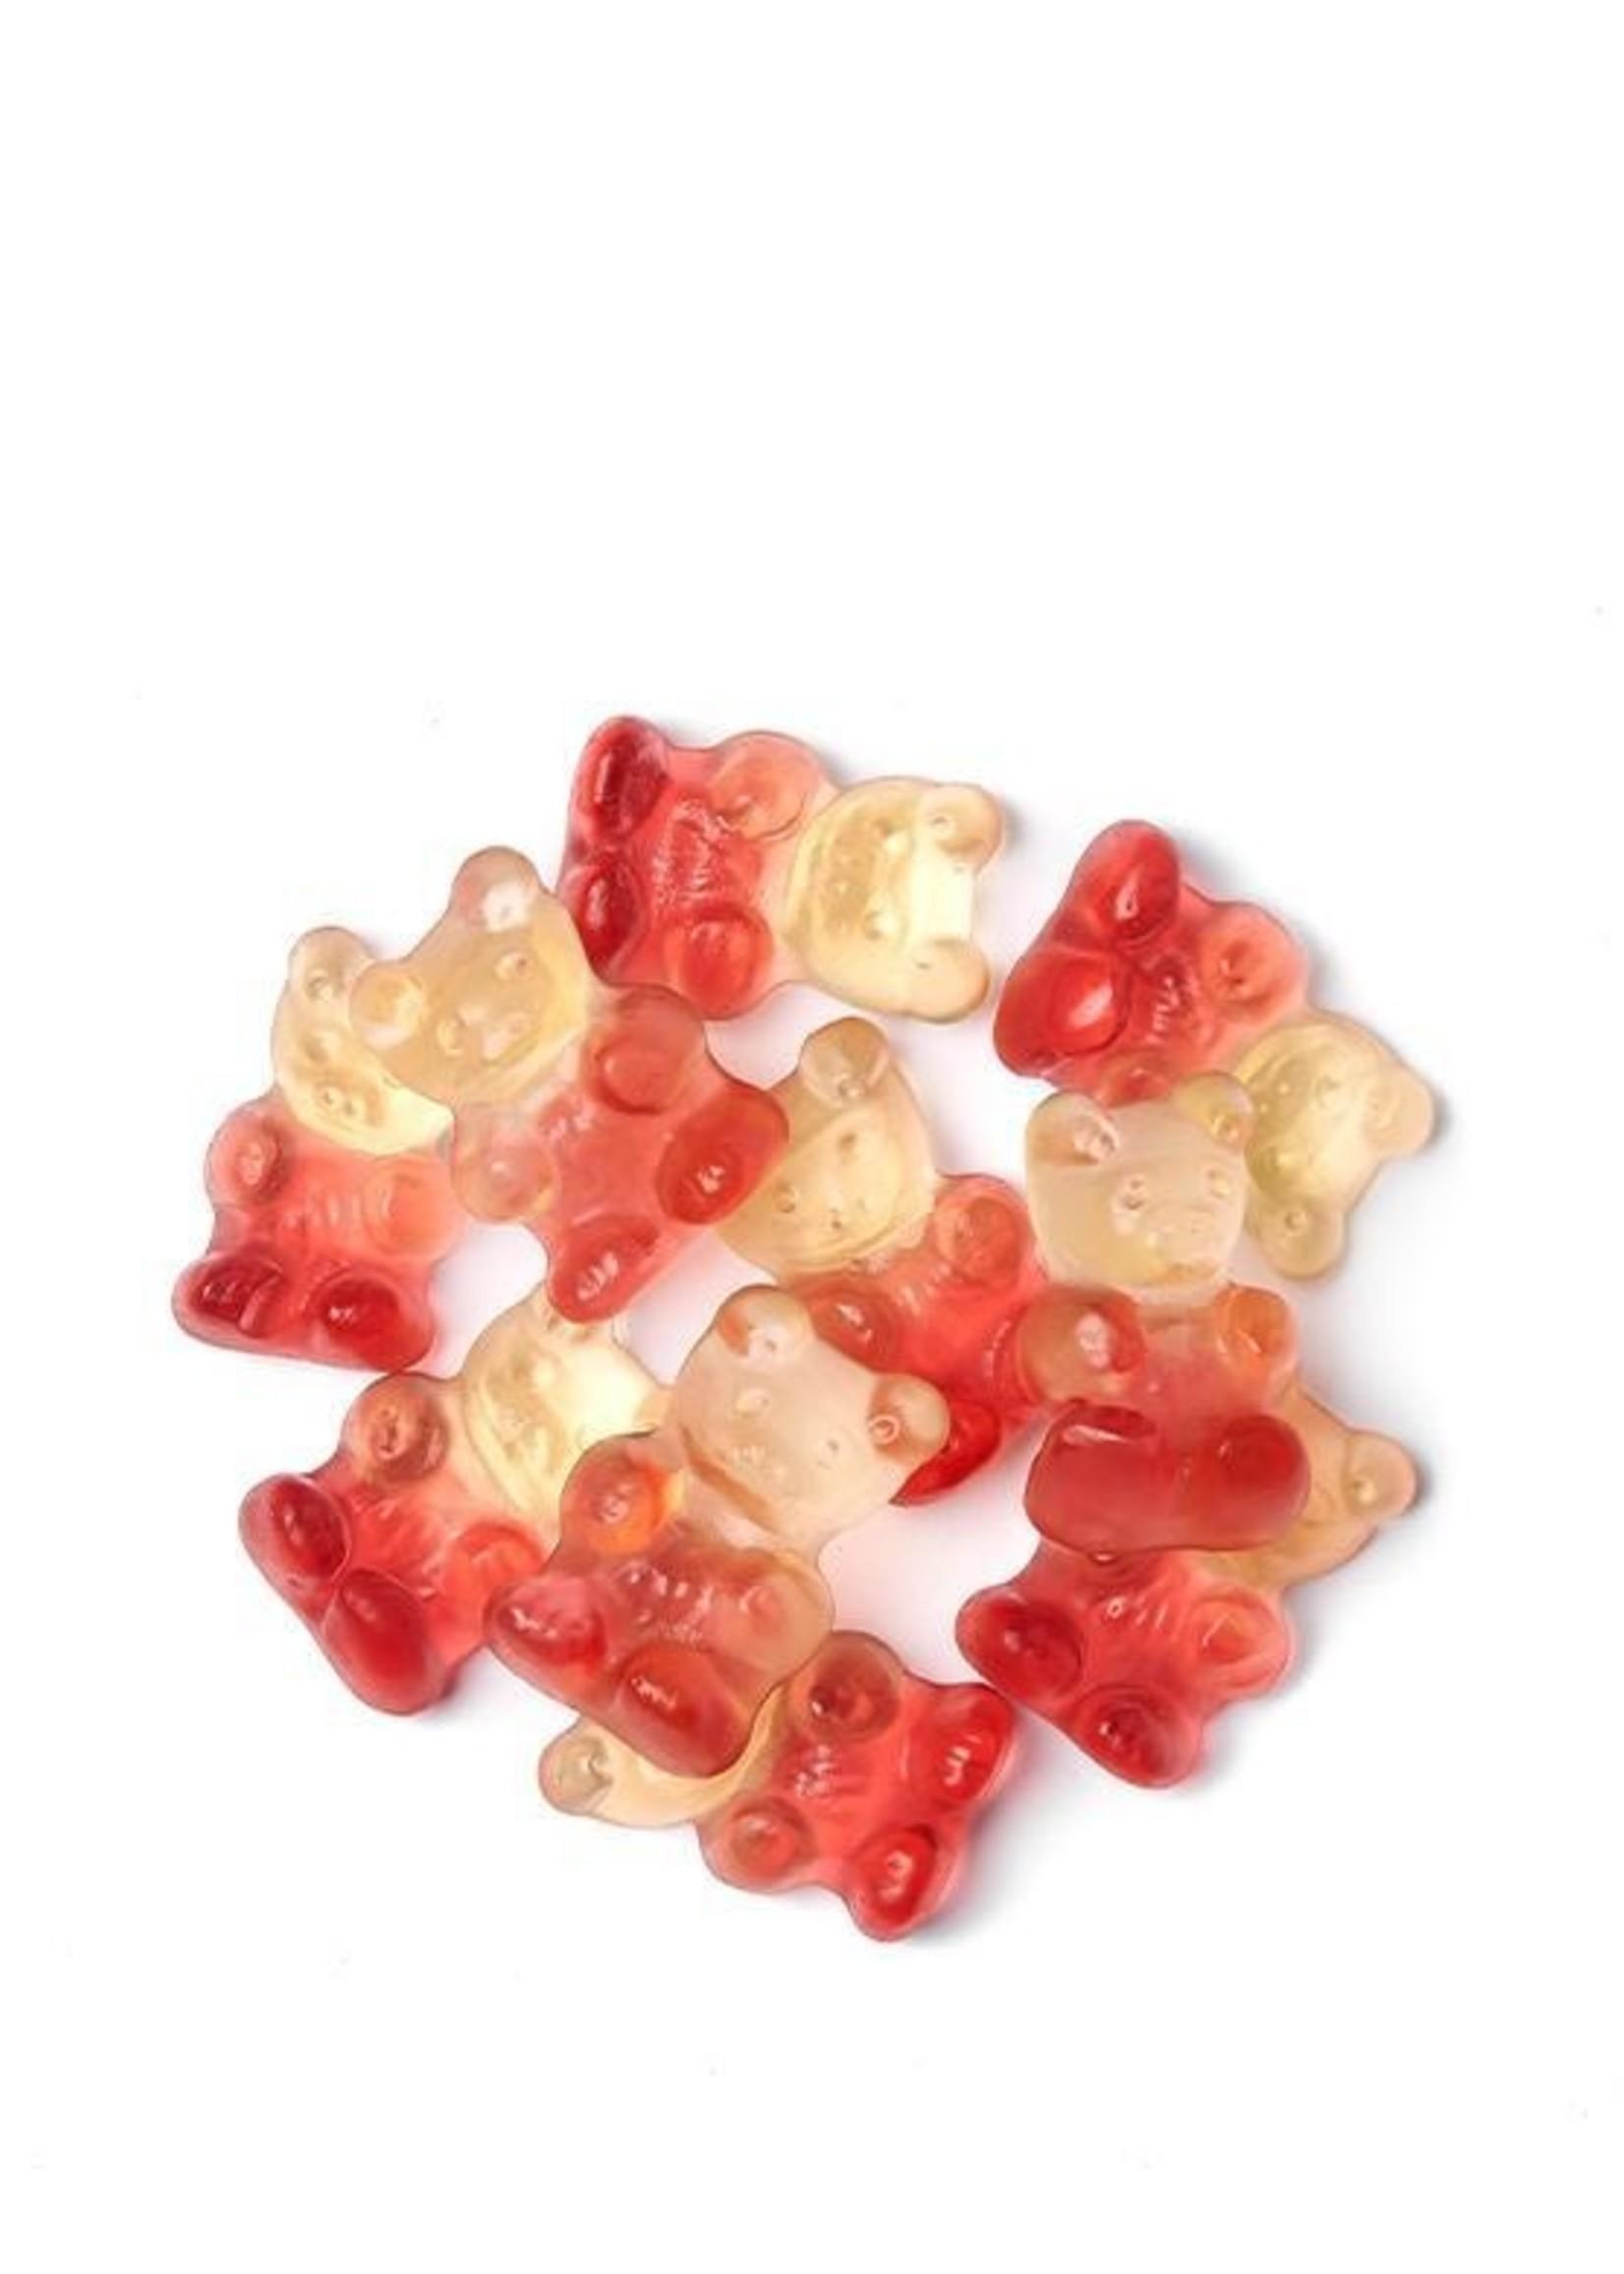 Squish Candy Strawberry Daquiri Bears